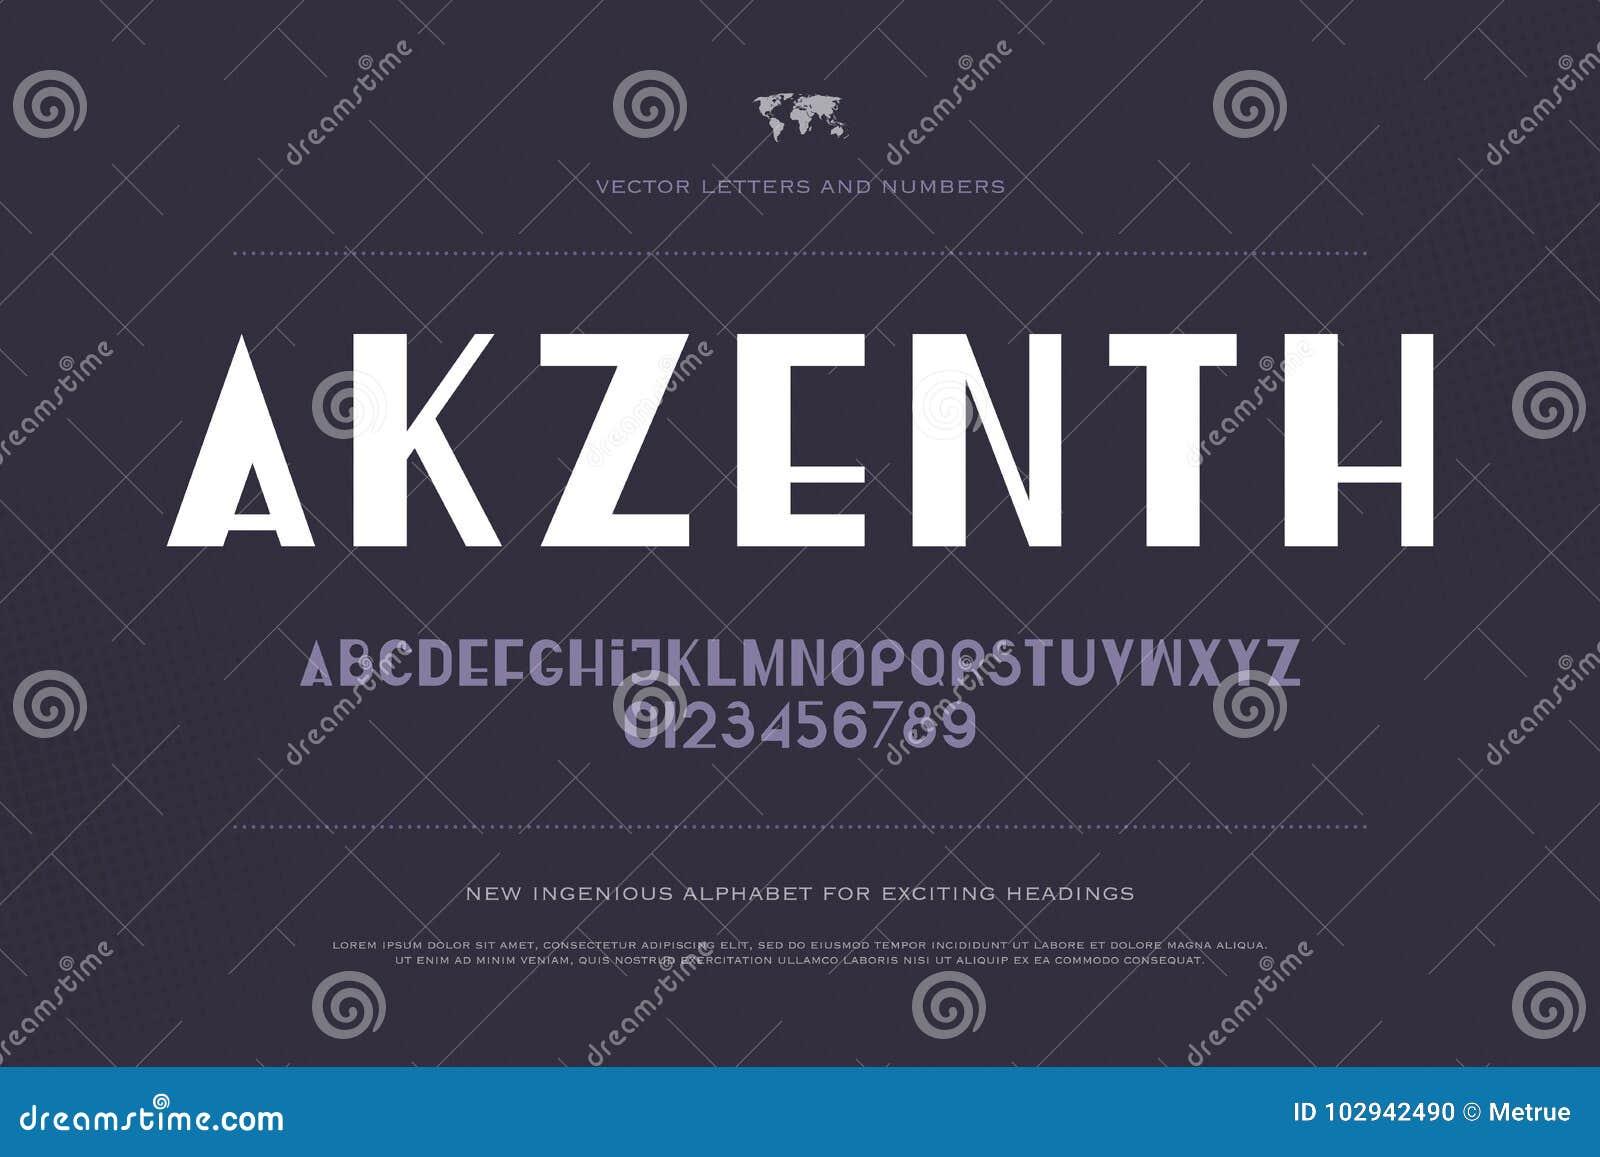 Akzenth